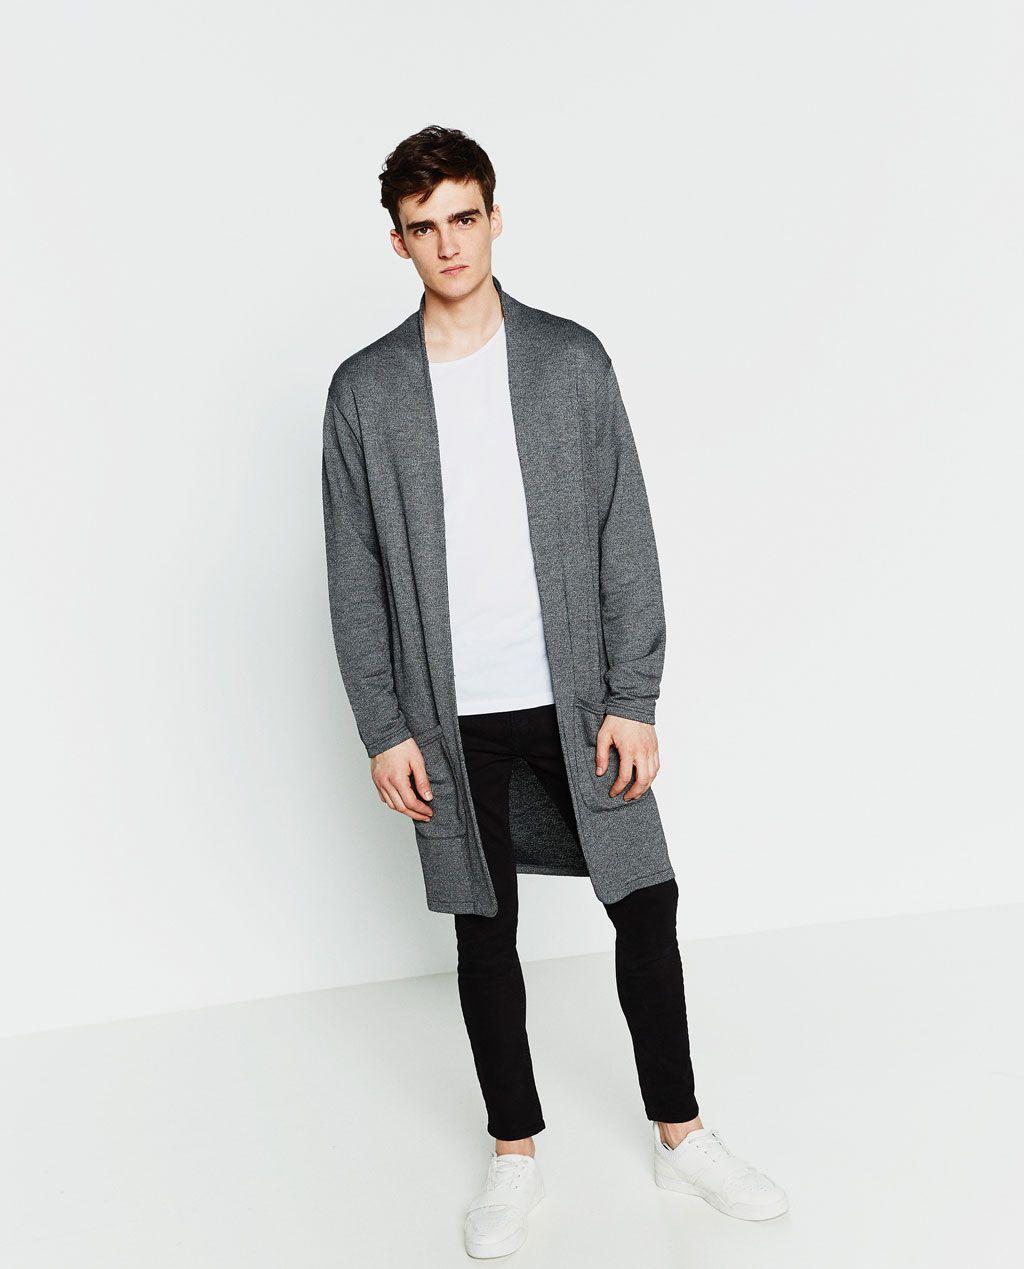 Compra hombres encapuchados chaqueta online al por mayor